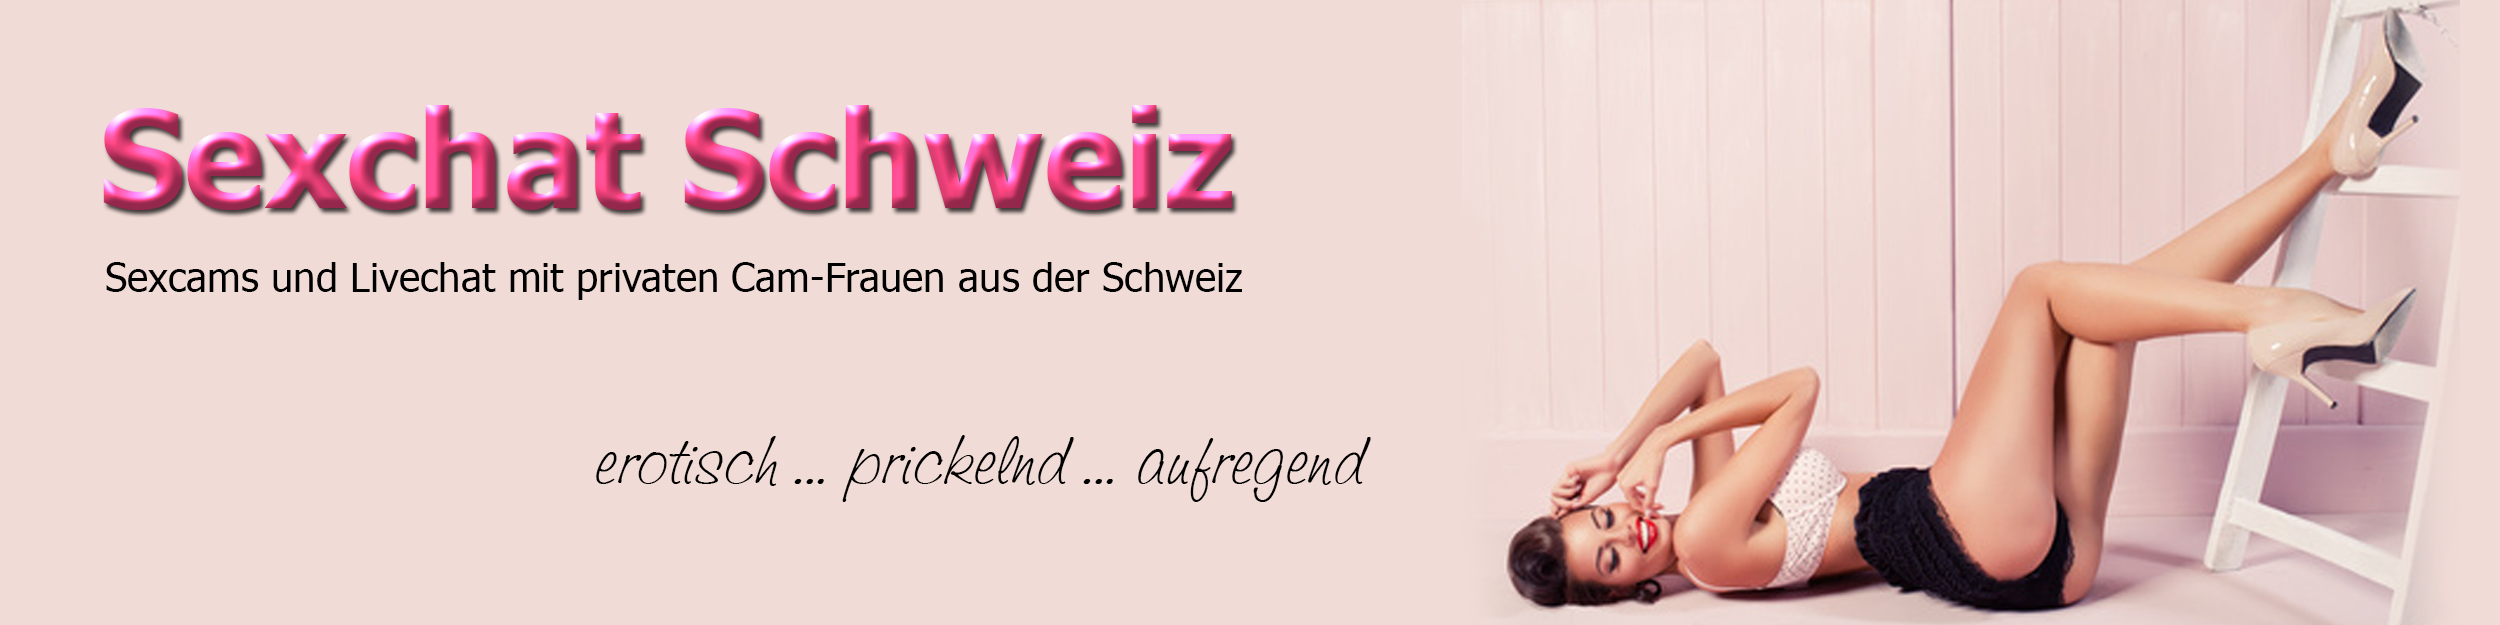 Sexchat Schweiz